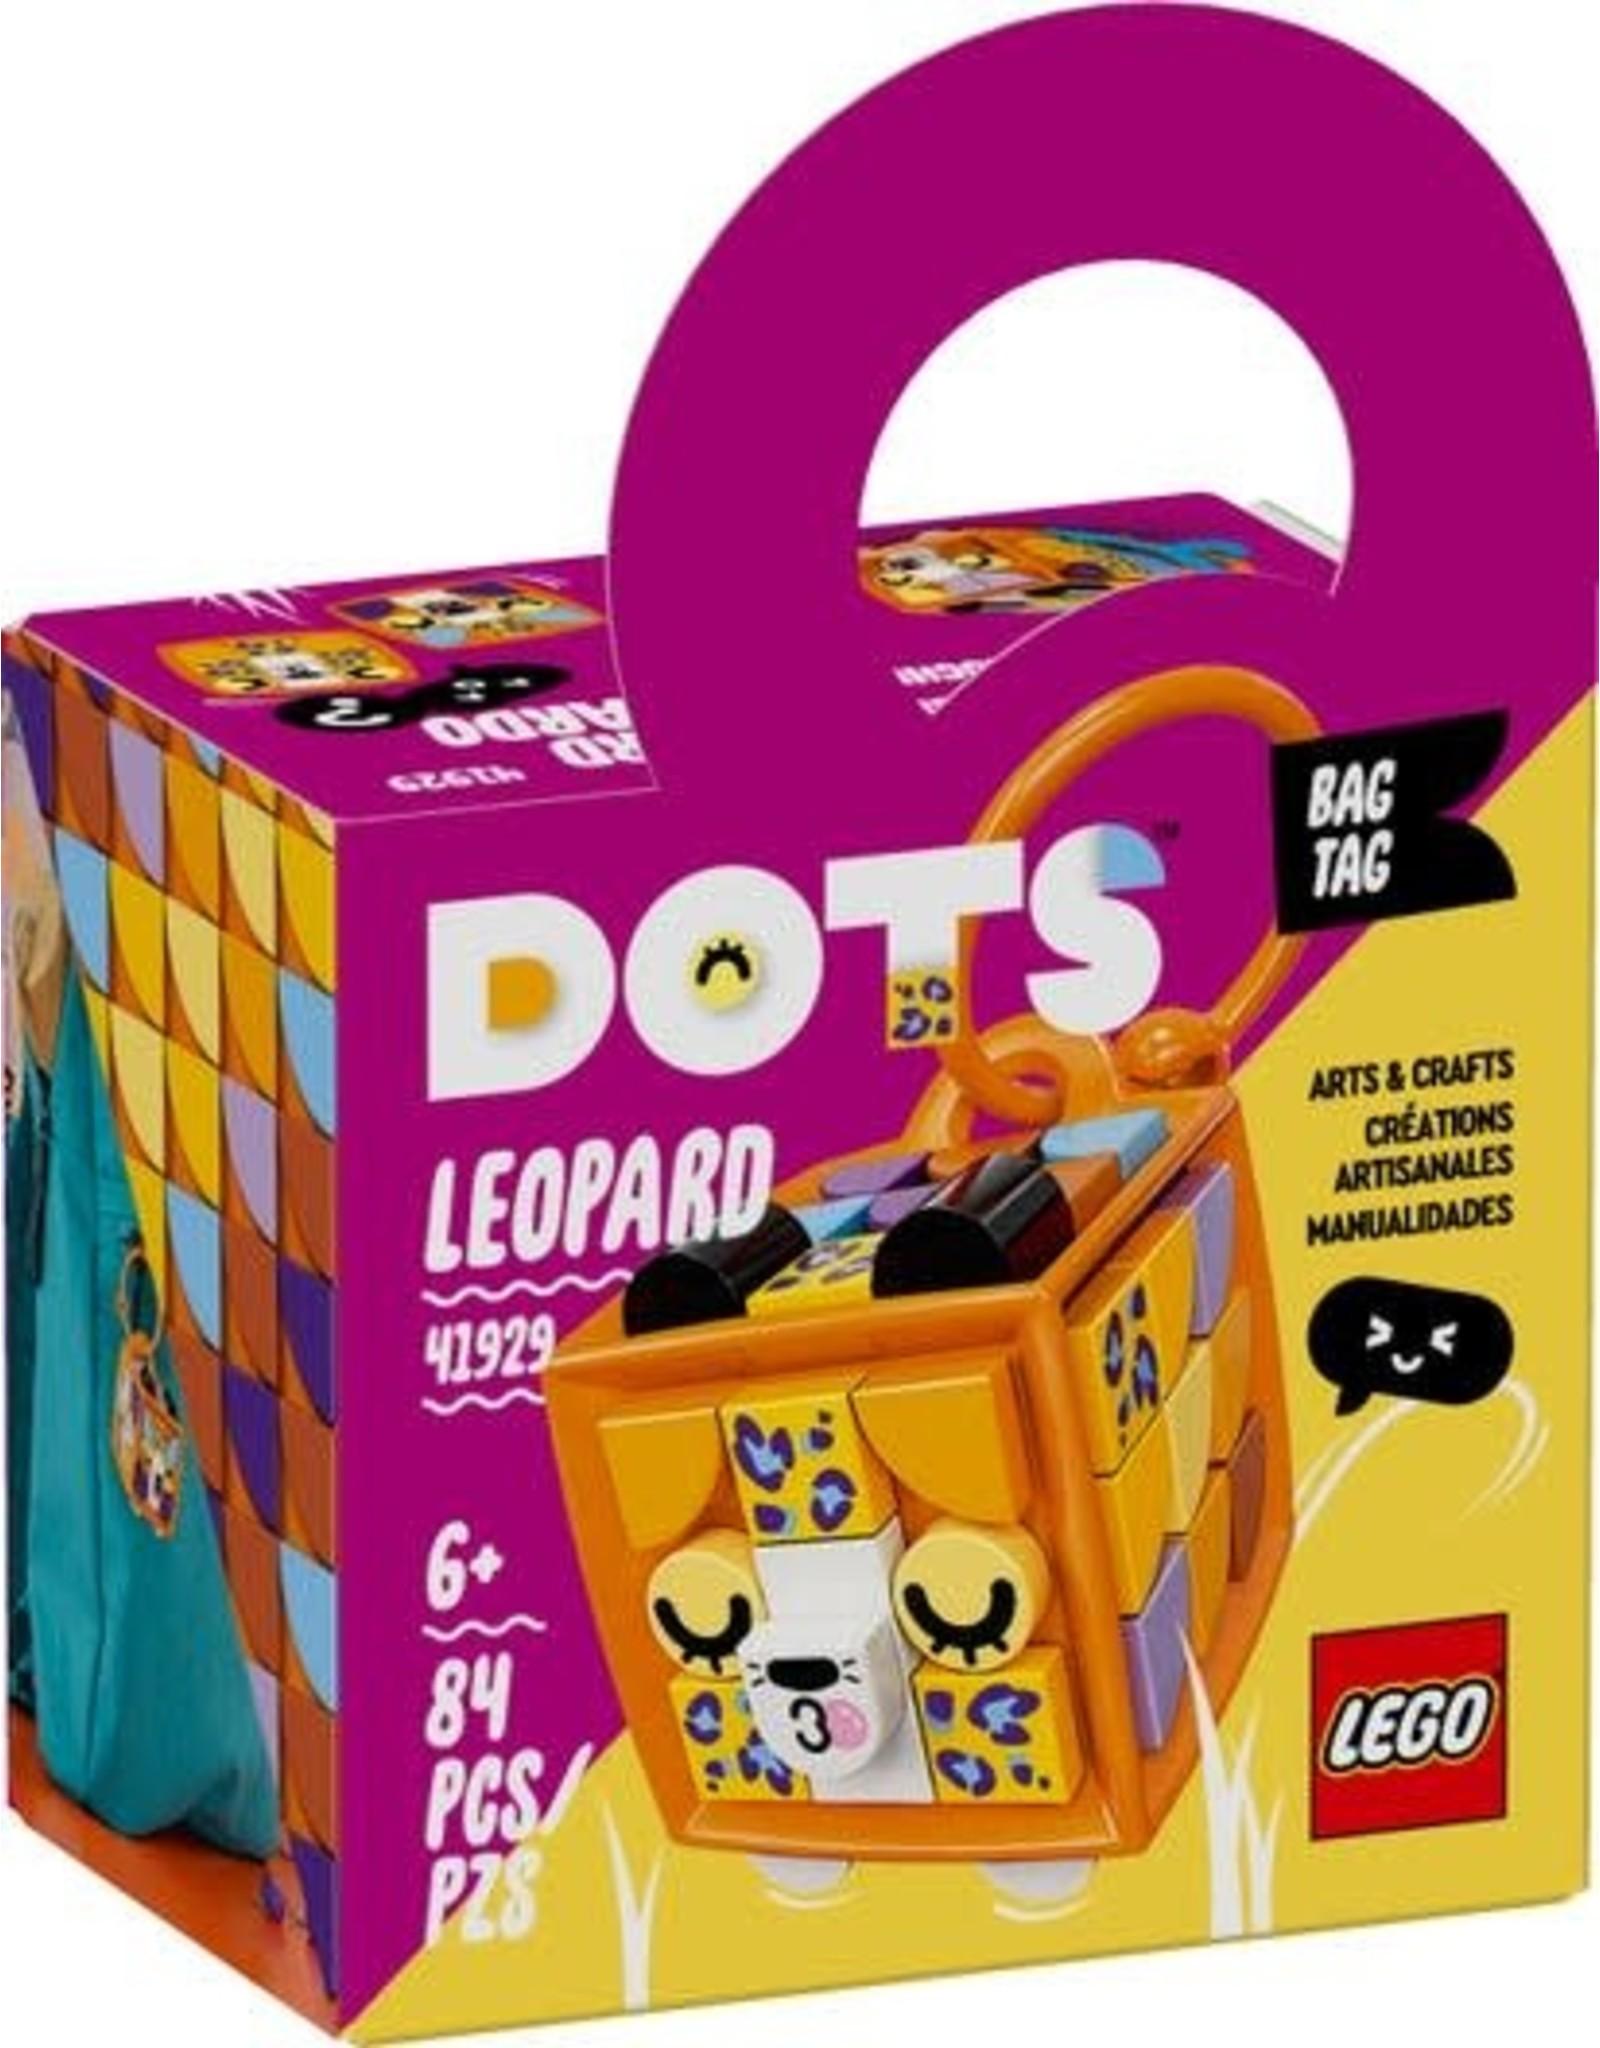 Lego LEGO DOTS: Bag Tag Leopard